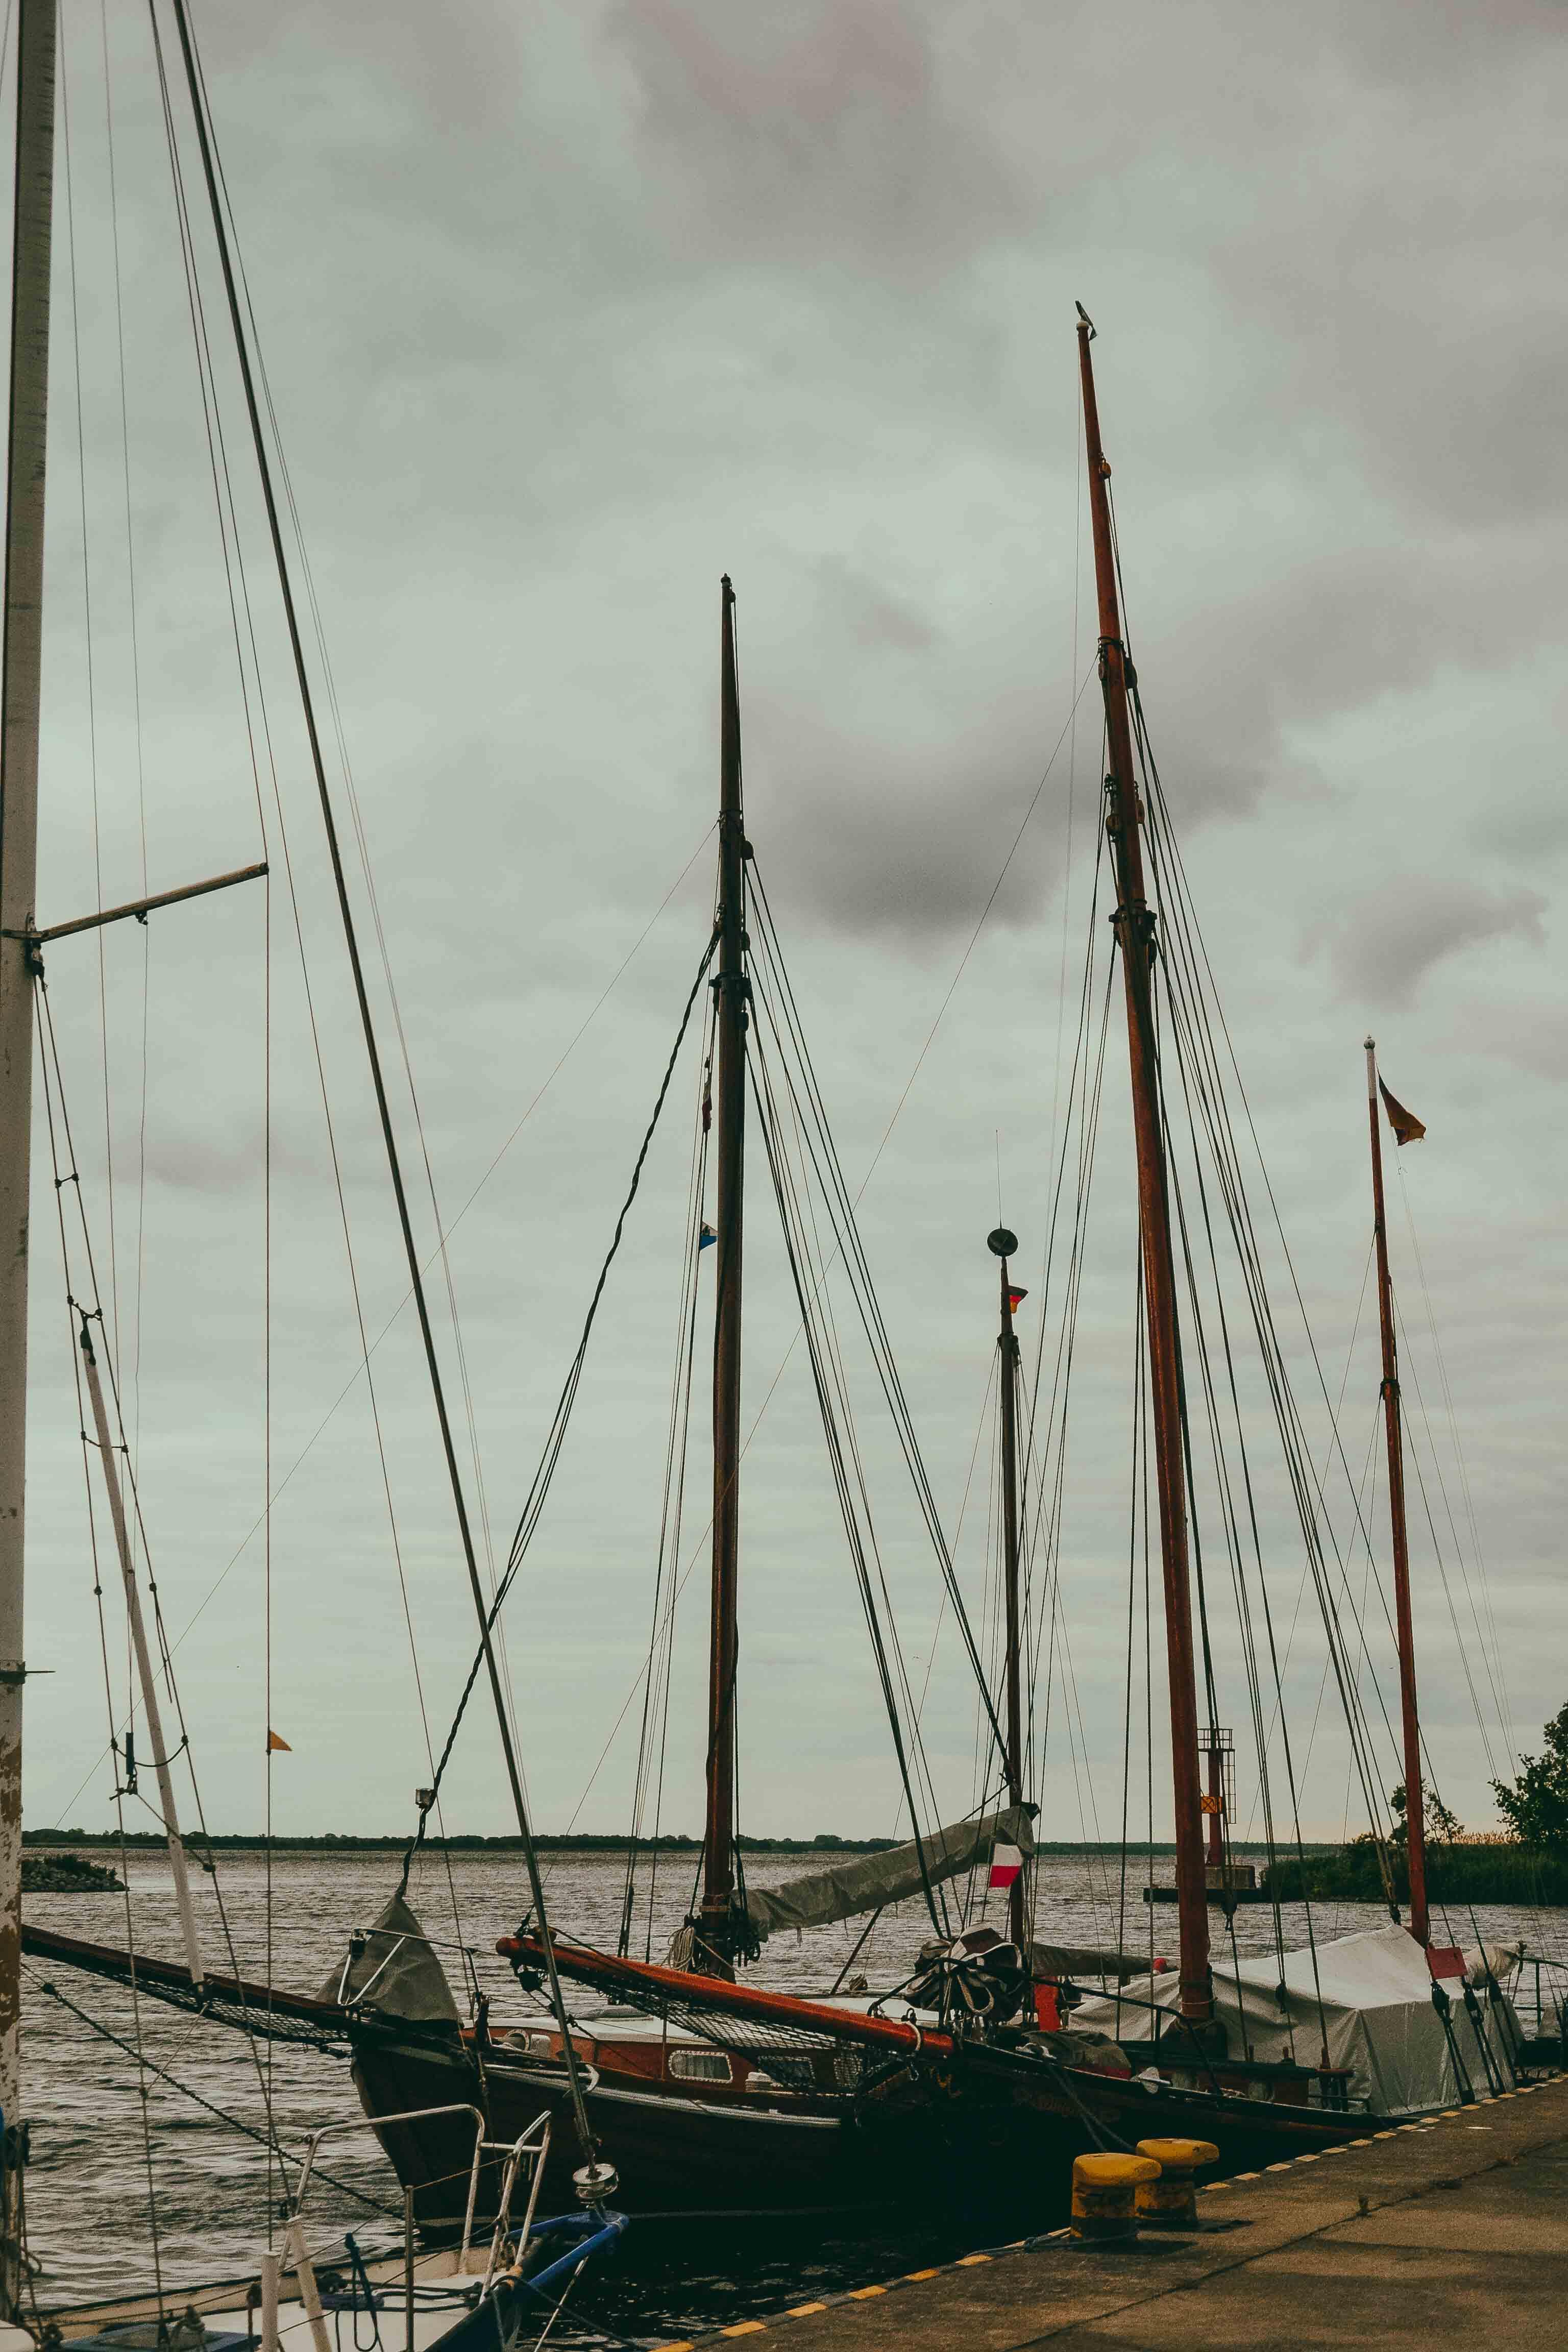 trzebież-port-marina-okonasznurku-fotografia (55)